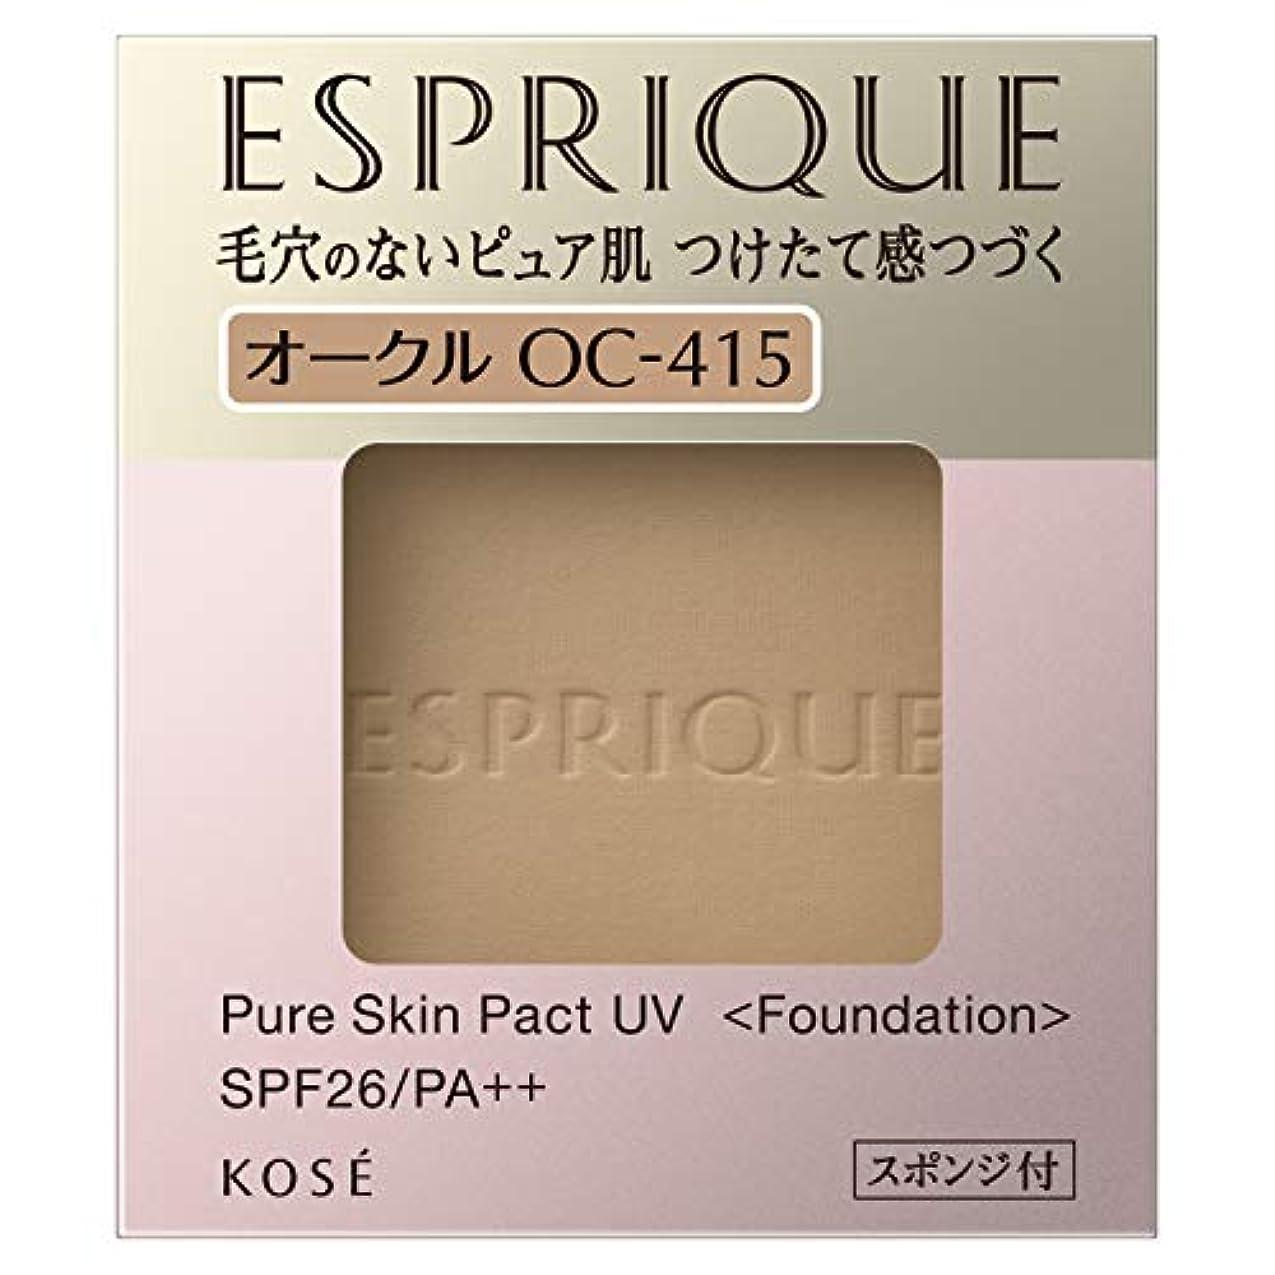 エスプリーク ピュアスキン パクト UV OC-415 オークル 9.3g